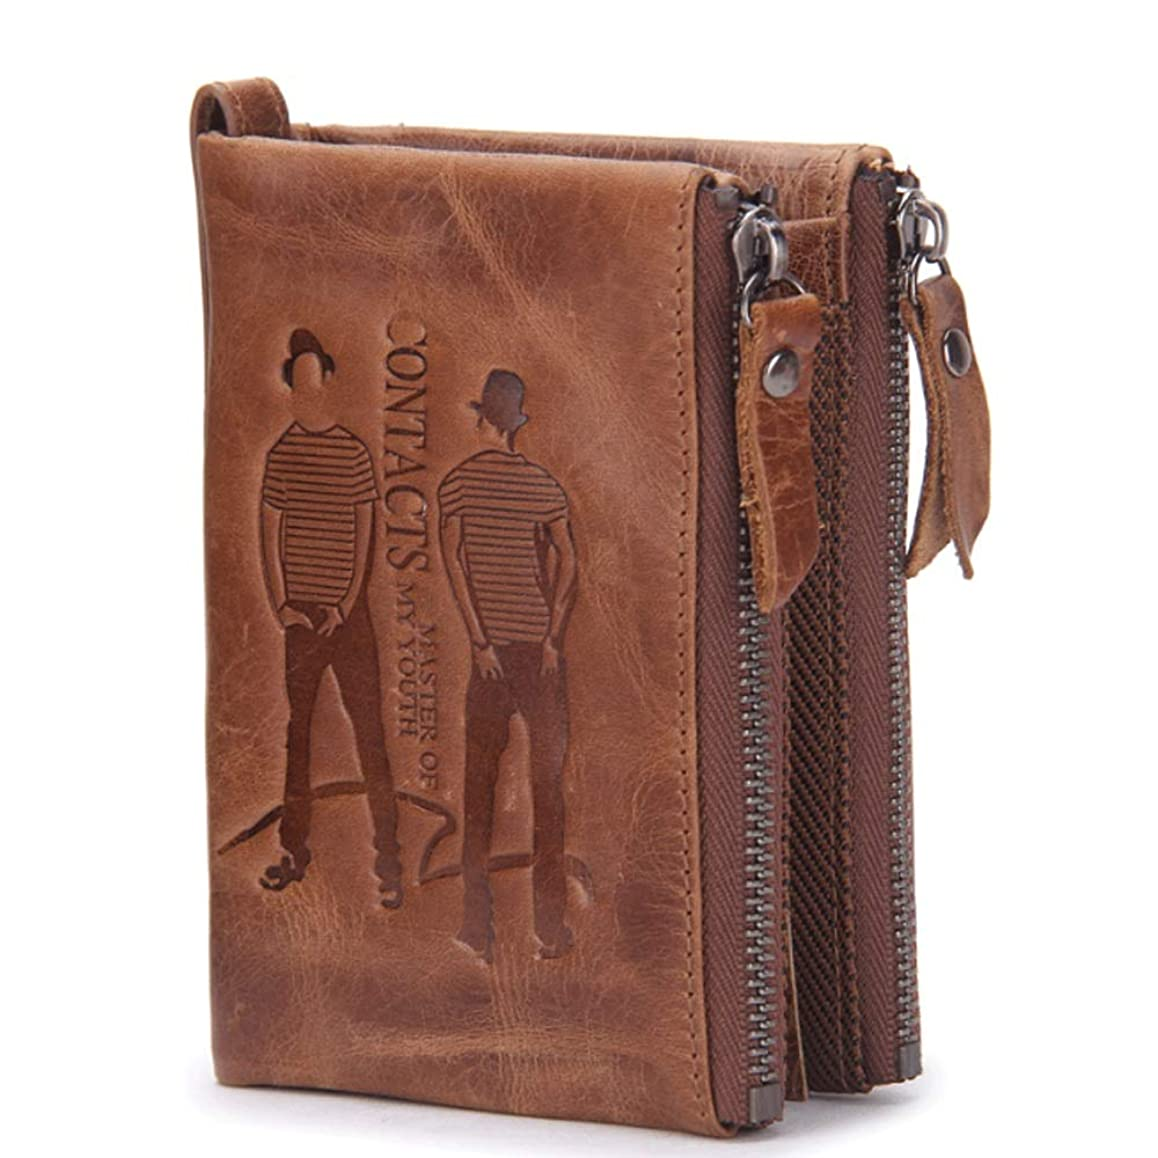 本何でも請求書MUMUWU メンズ 財布 二つ折り財布 牛革 ウォレット 大容量 サイフ メンズ